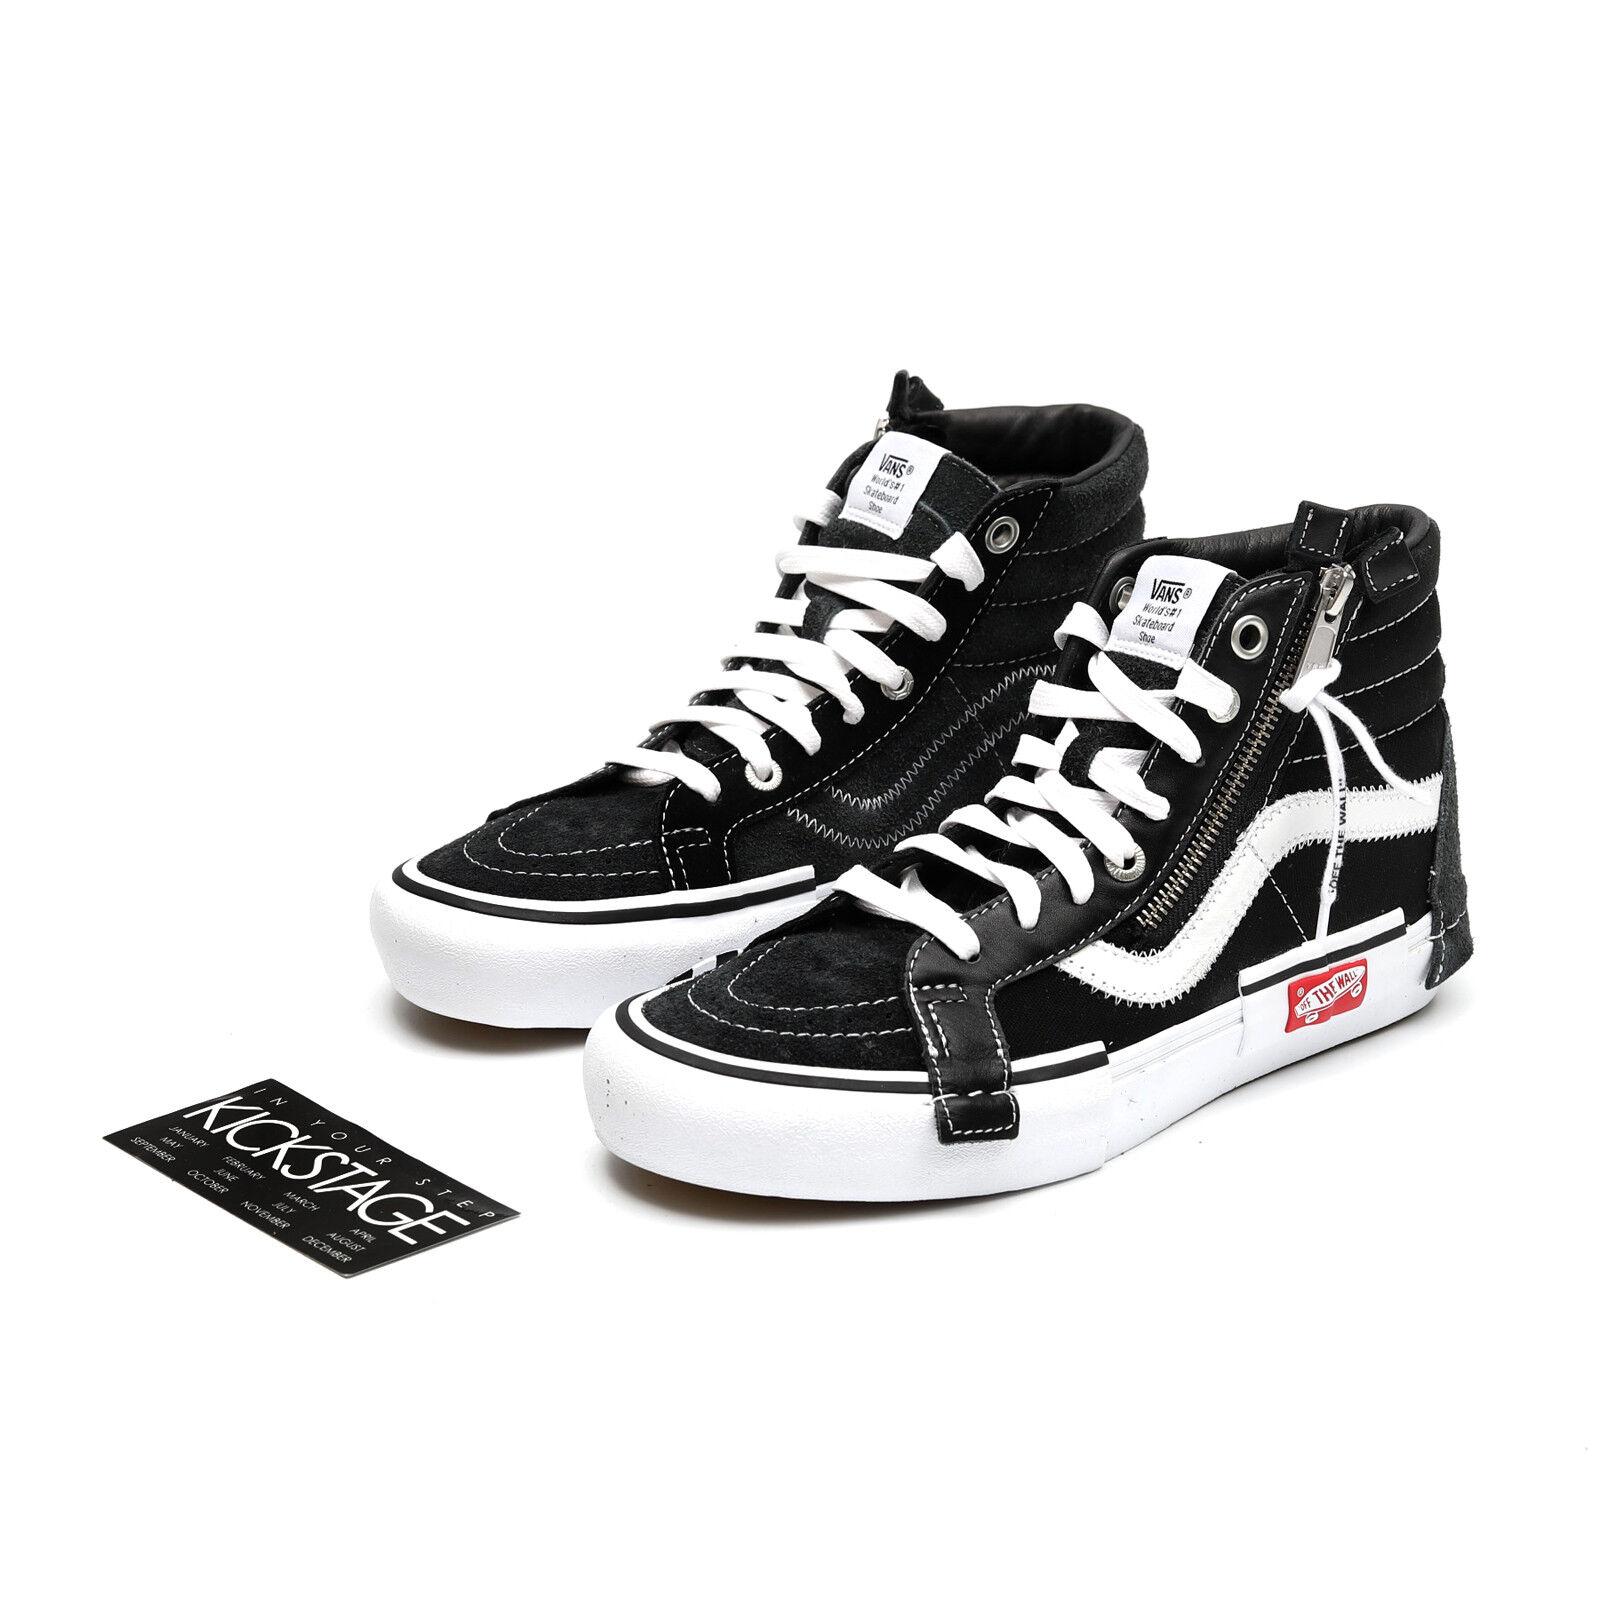 Détails sur Vans Sk8 Hi Réédition Metallica Chaussure De Skate High Noir afficher le titre d'origine